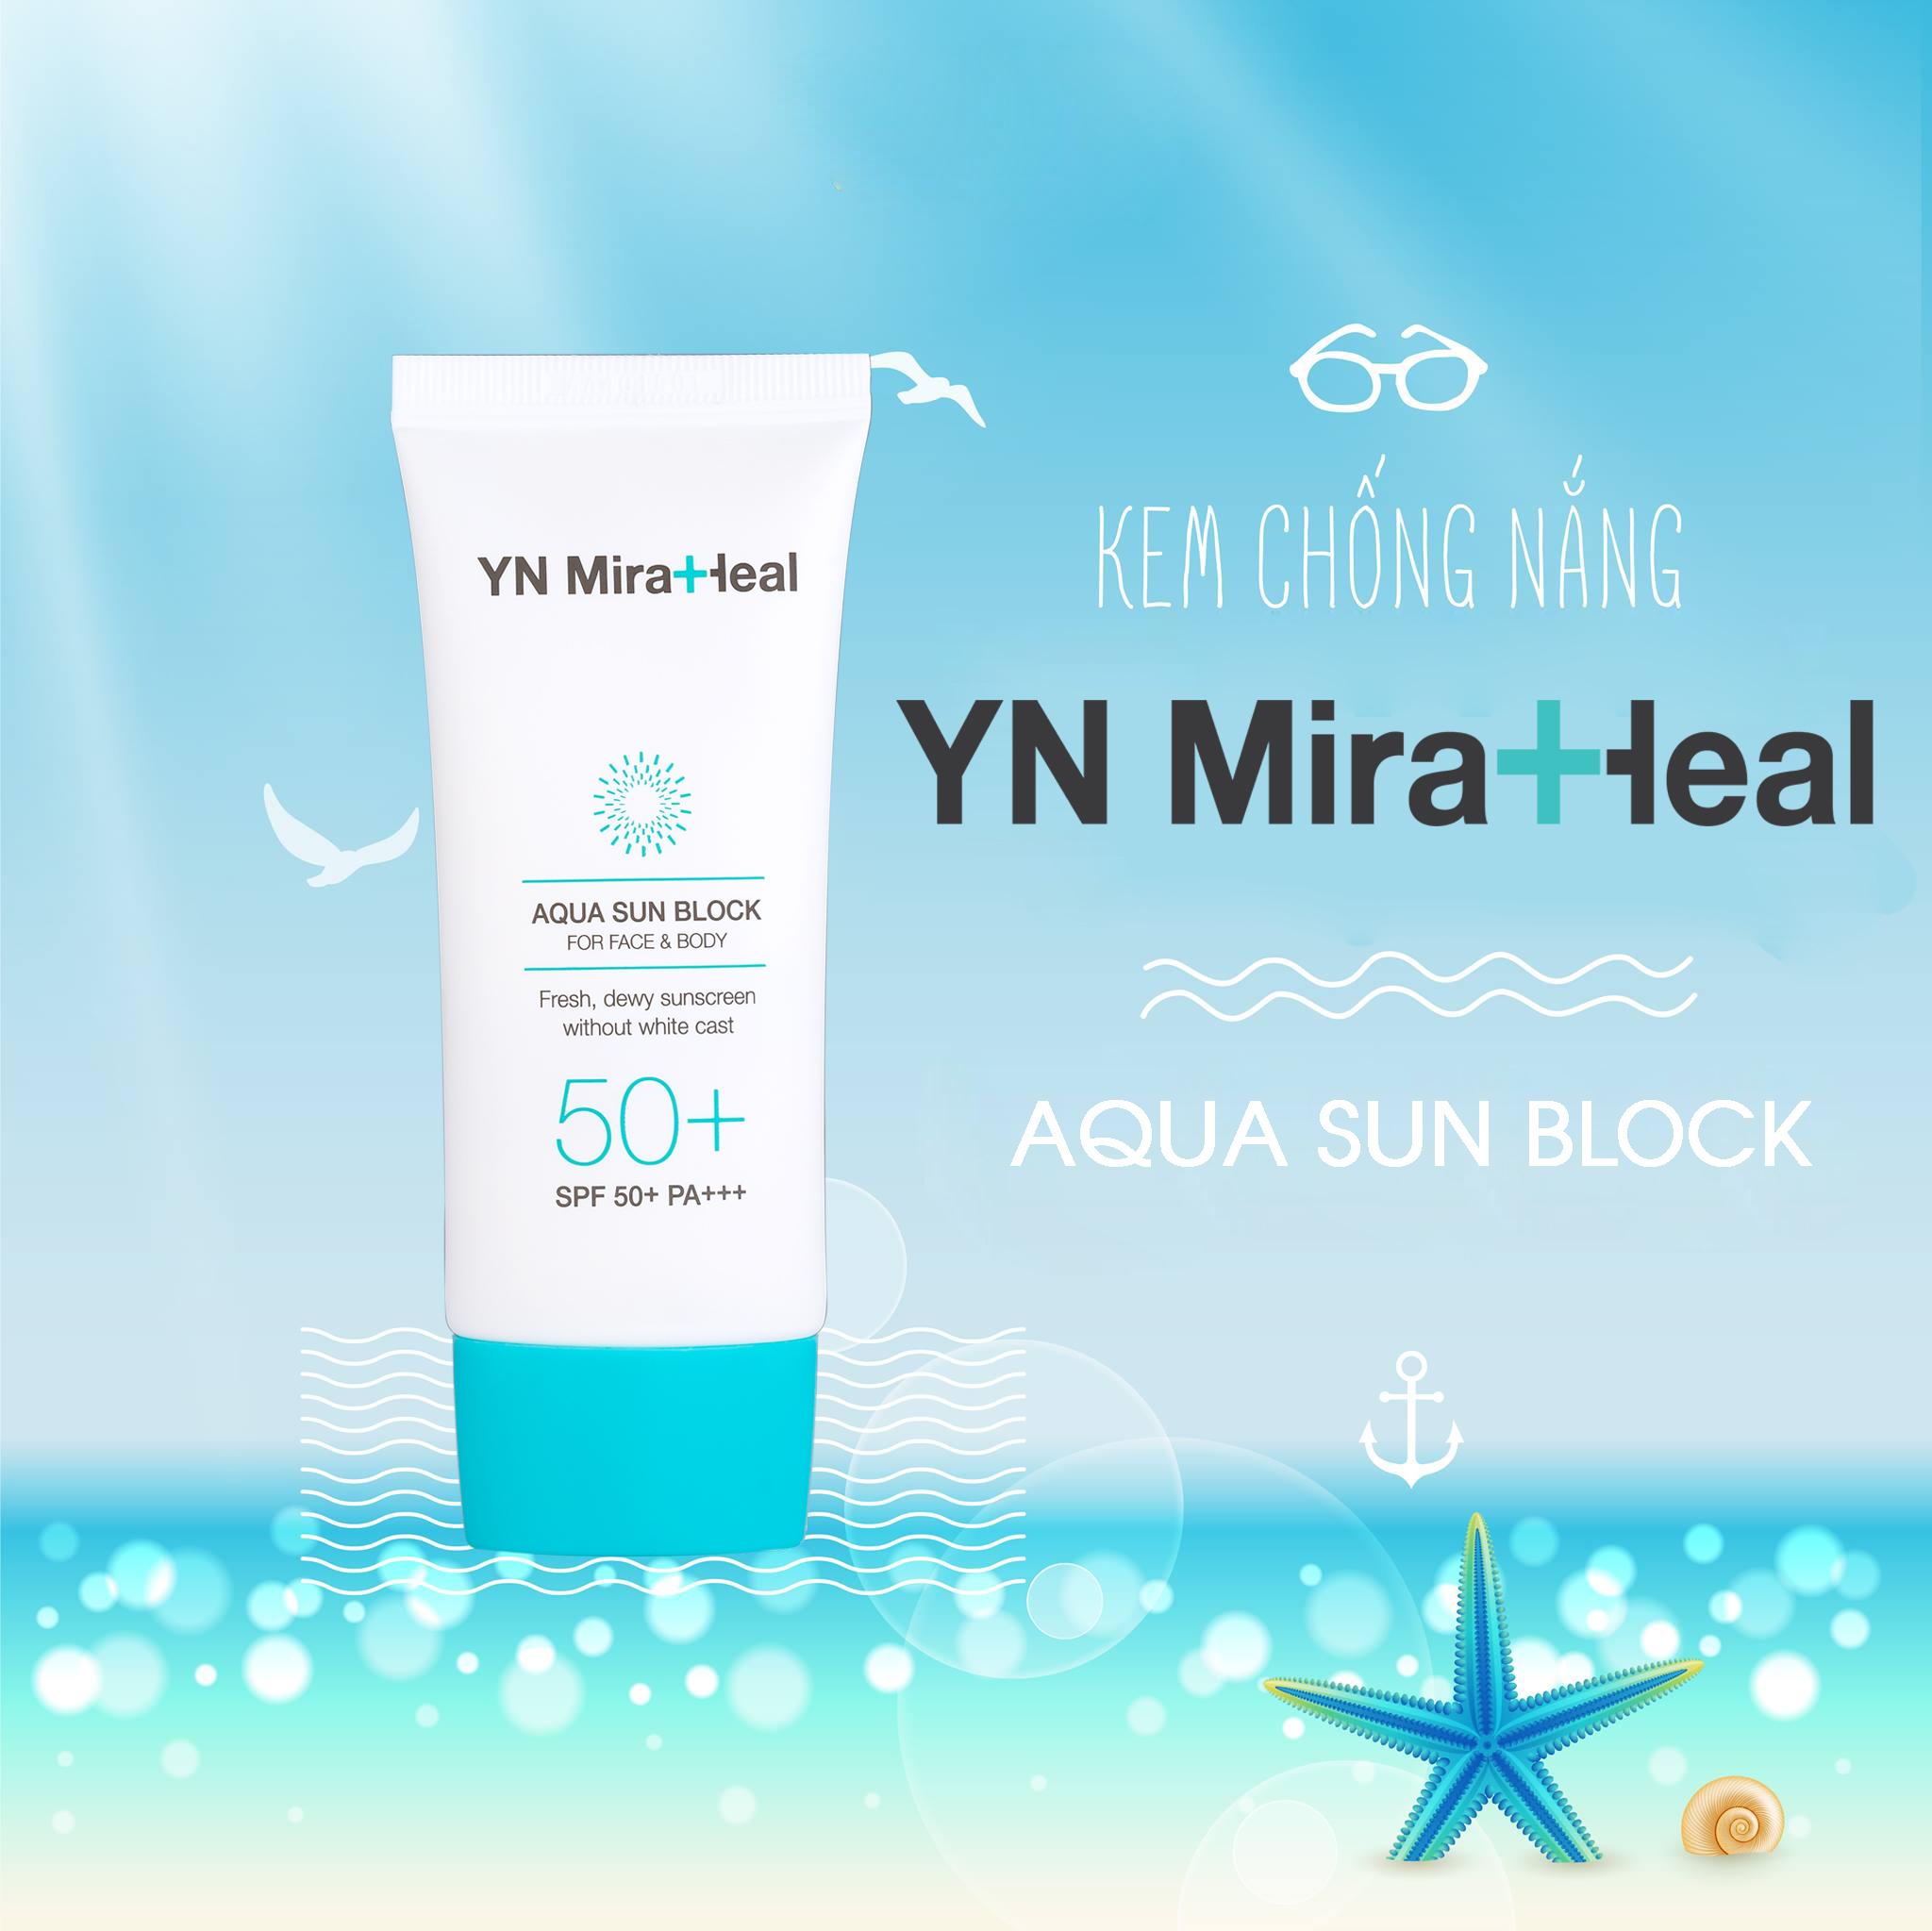 Kem chống nắng YN Miraheal Aqua Sun Block được các chị em đánh giá là sản phẩm TOP 1 với làn da mụn và nhạy cảm